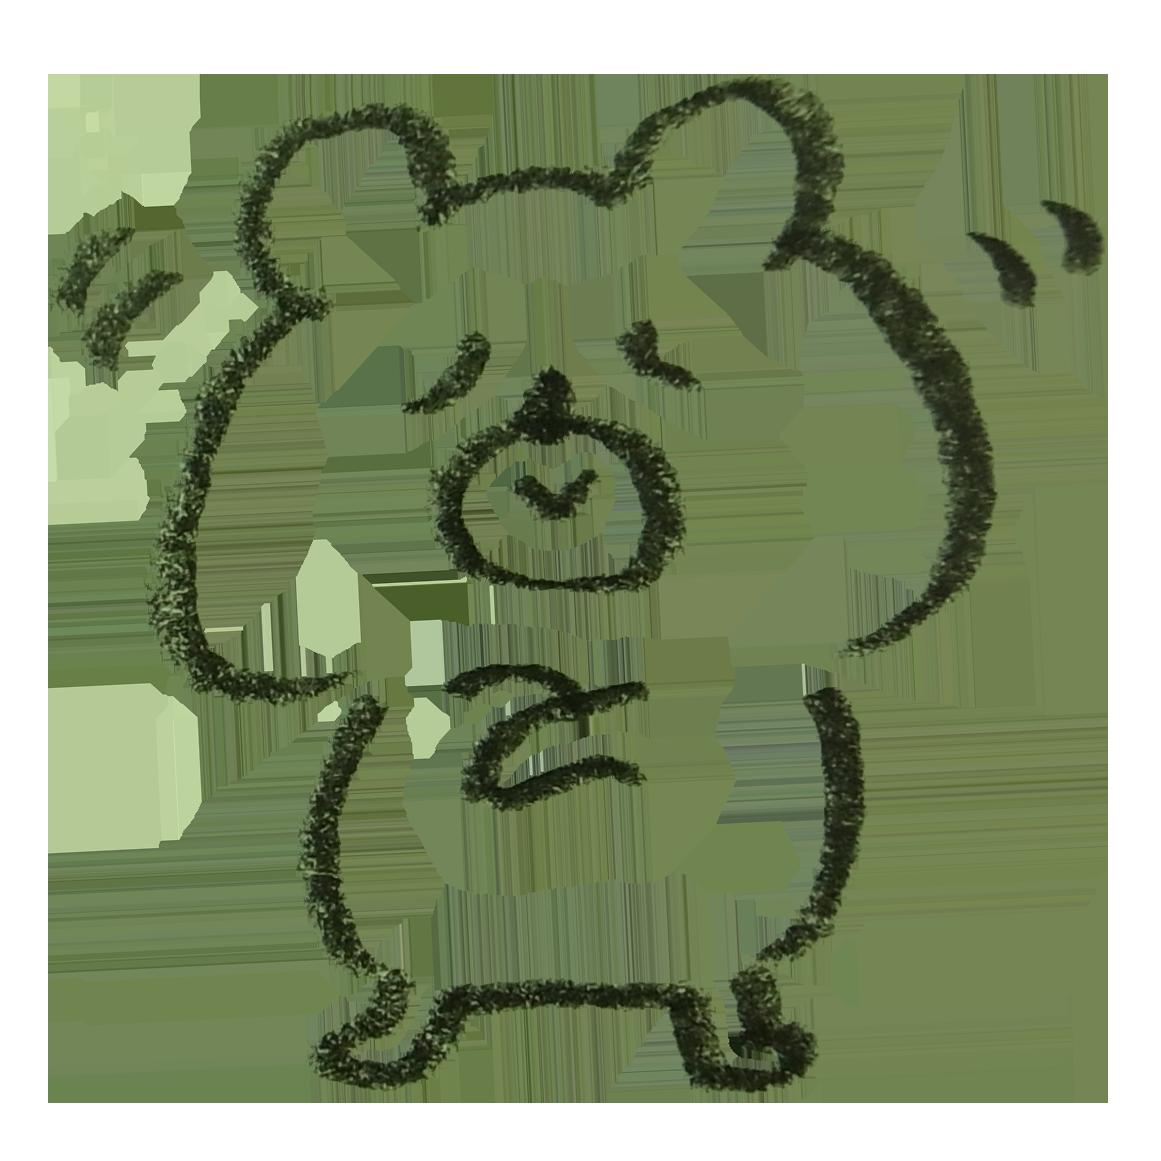 nattokukuma_s